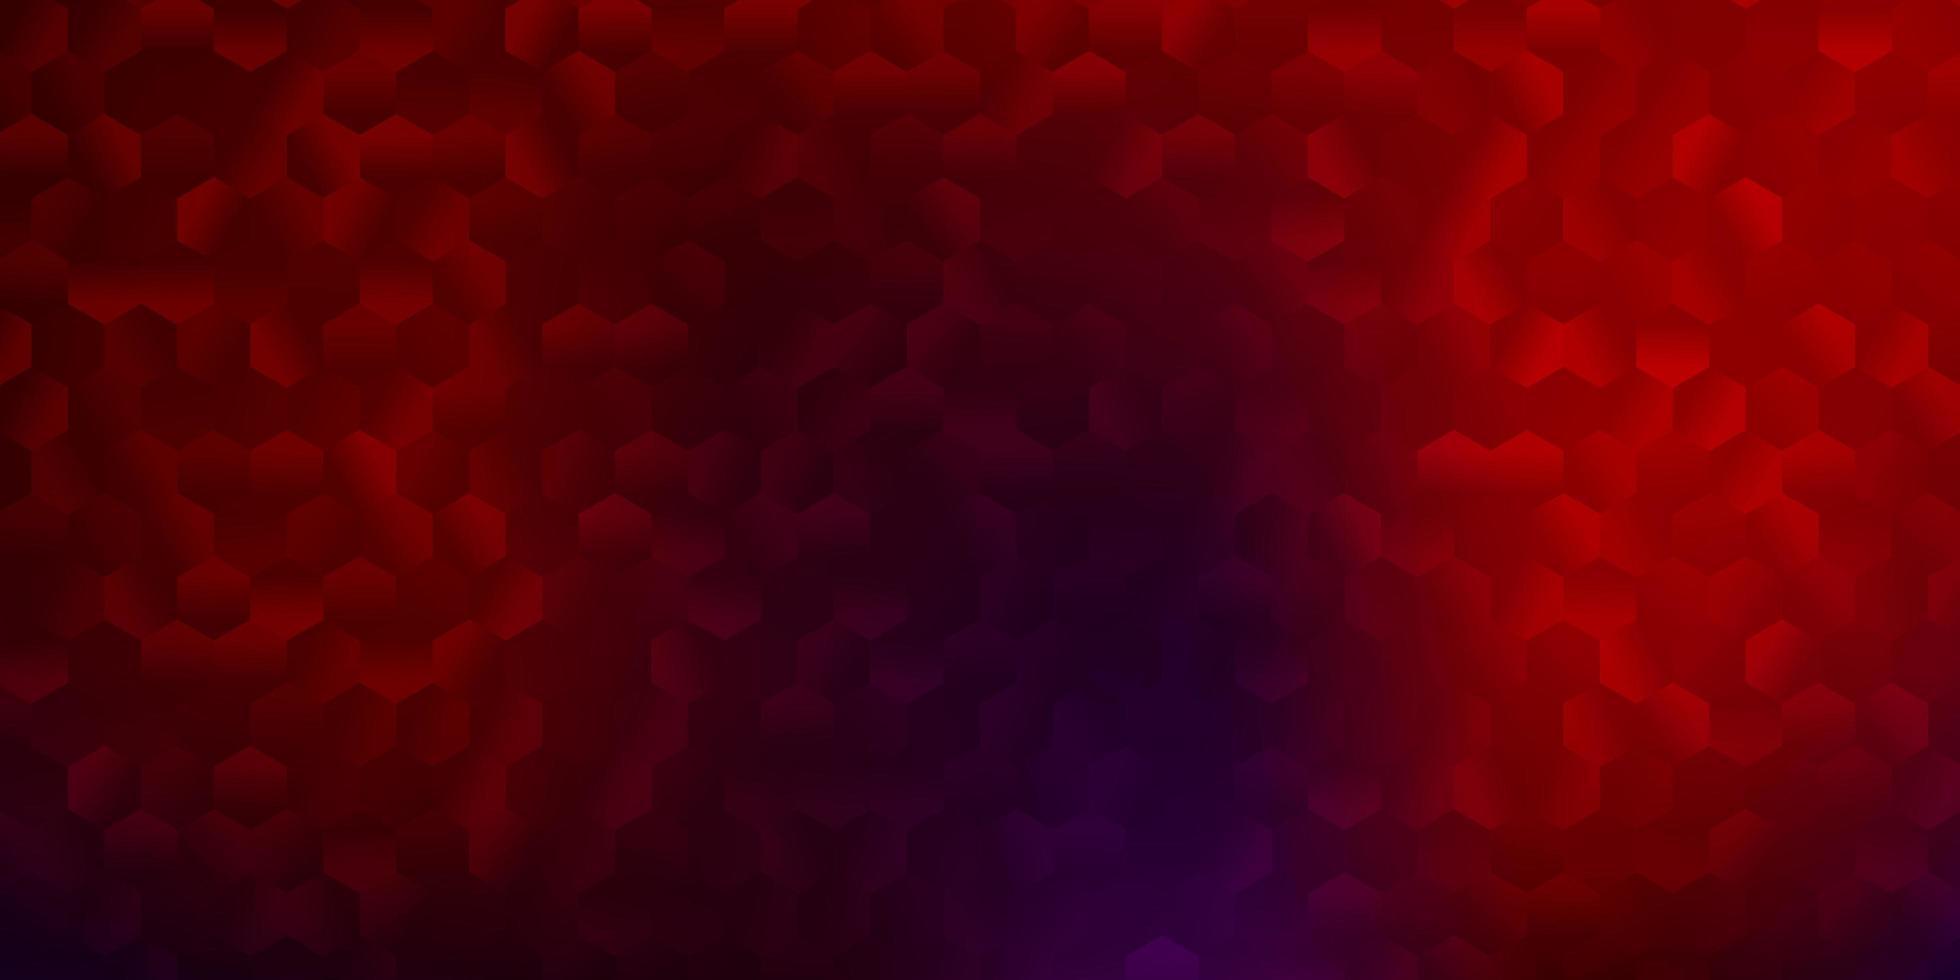 padrão de vetor azul e vermelho escuro com hexágonos.